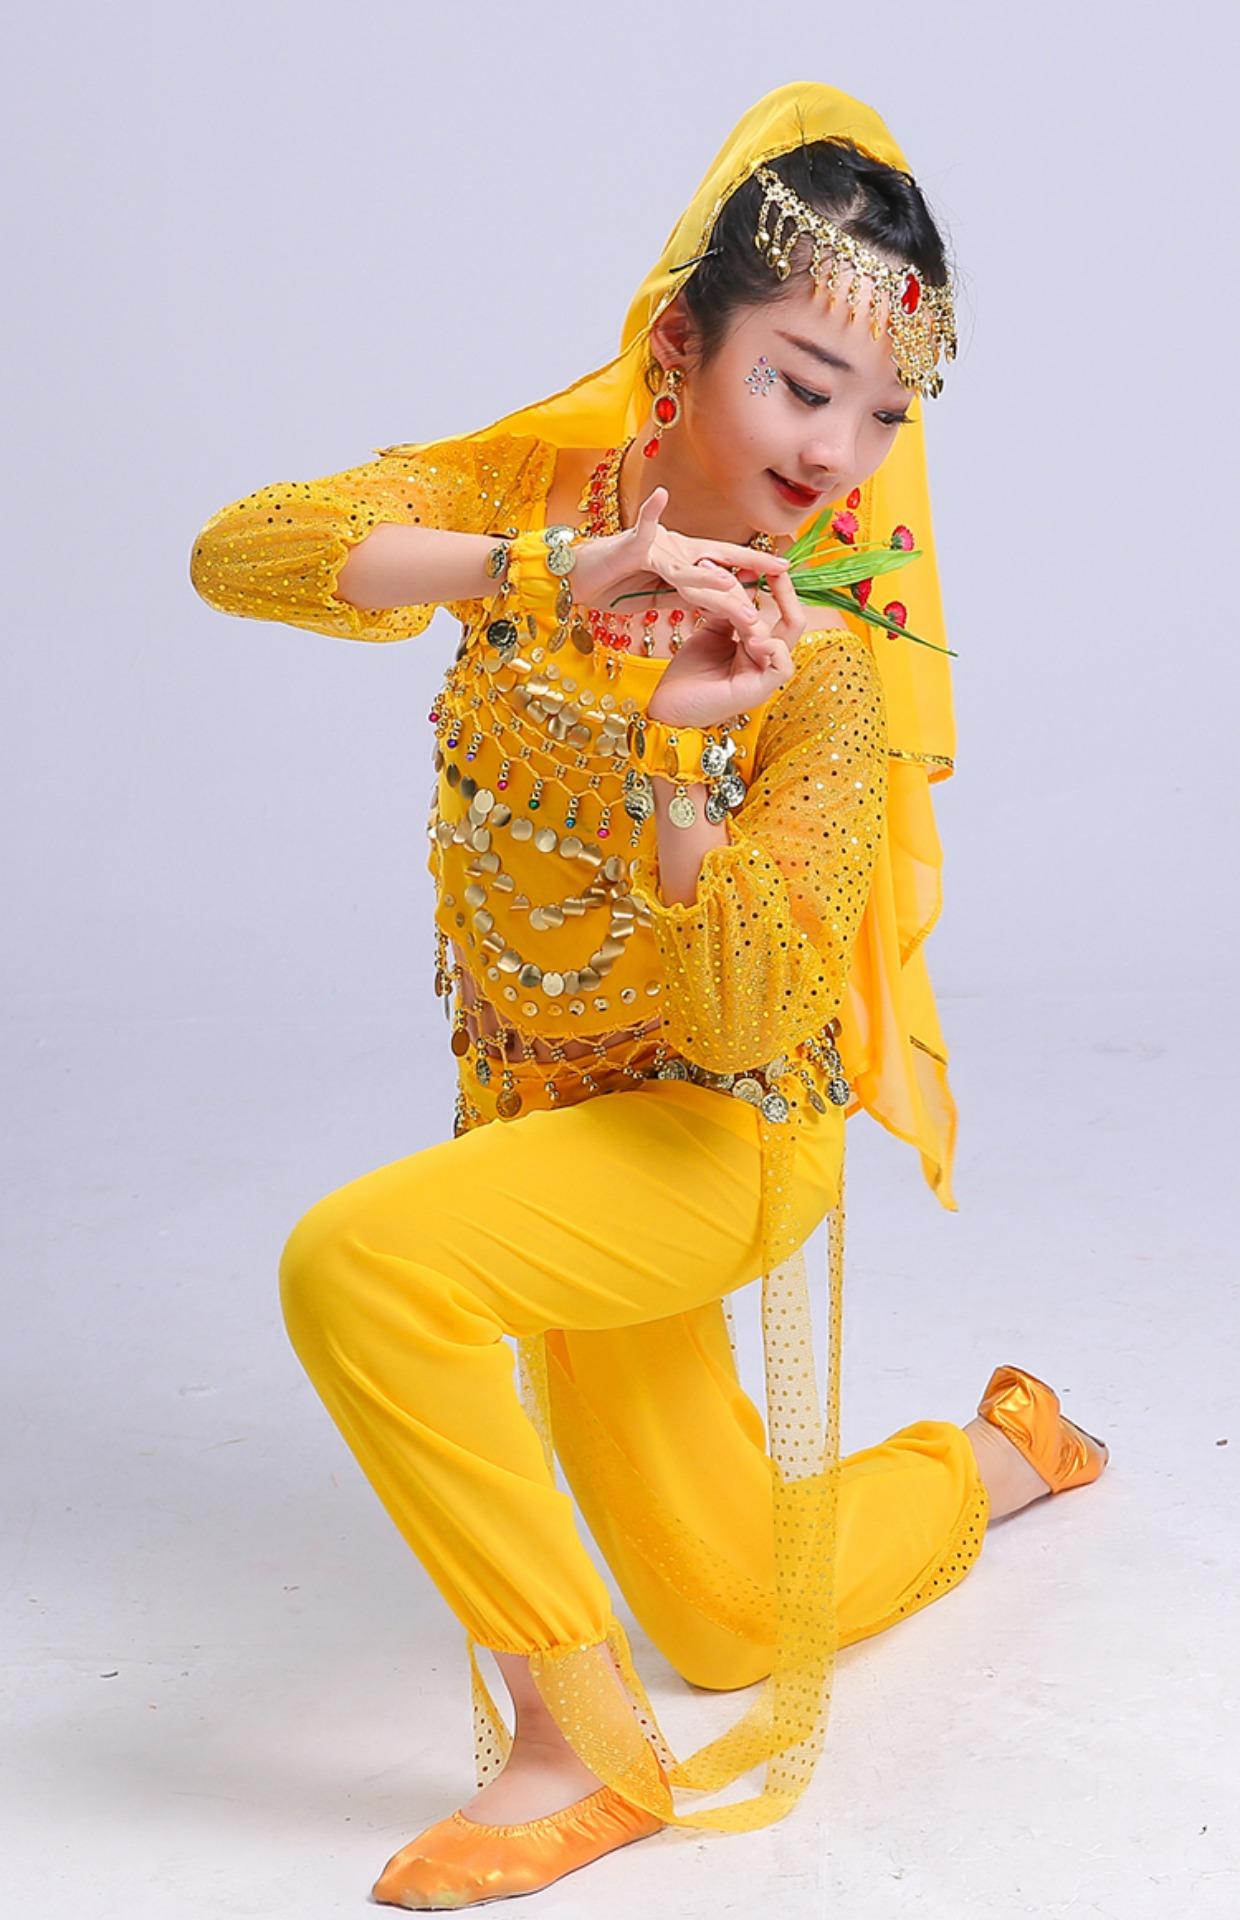 儿童舞蹈民族舞_肚皮舞少儿舞蹈首饰儿童铃铛手